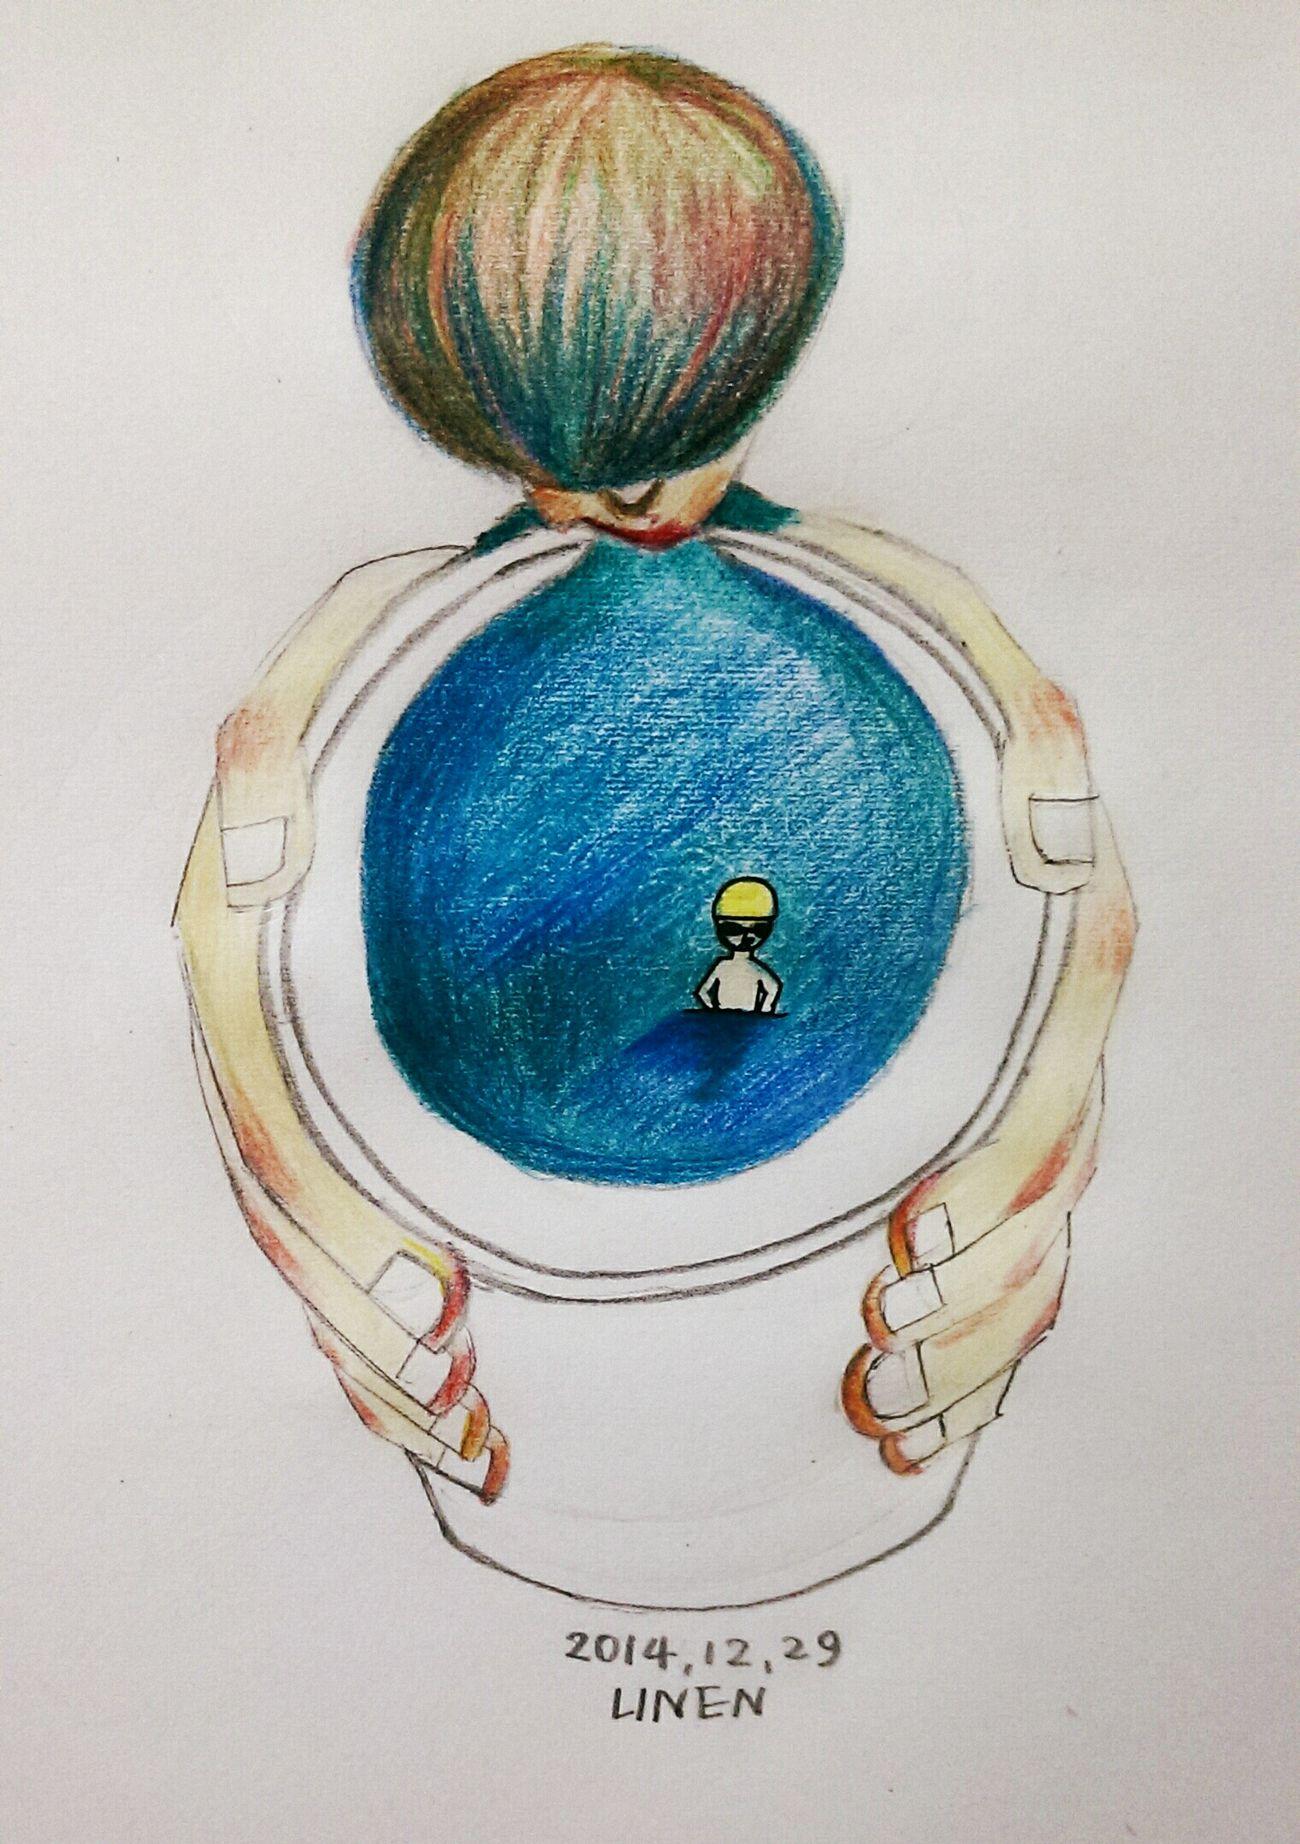 艸木森森 by Linen